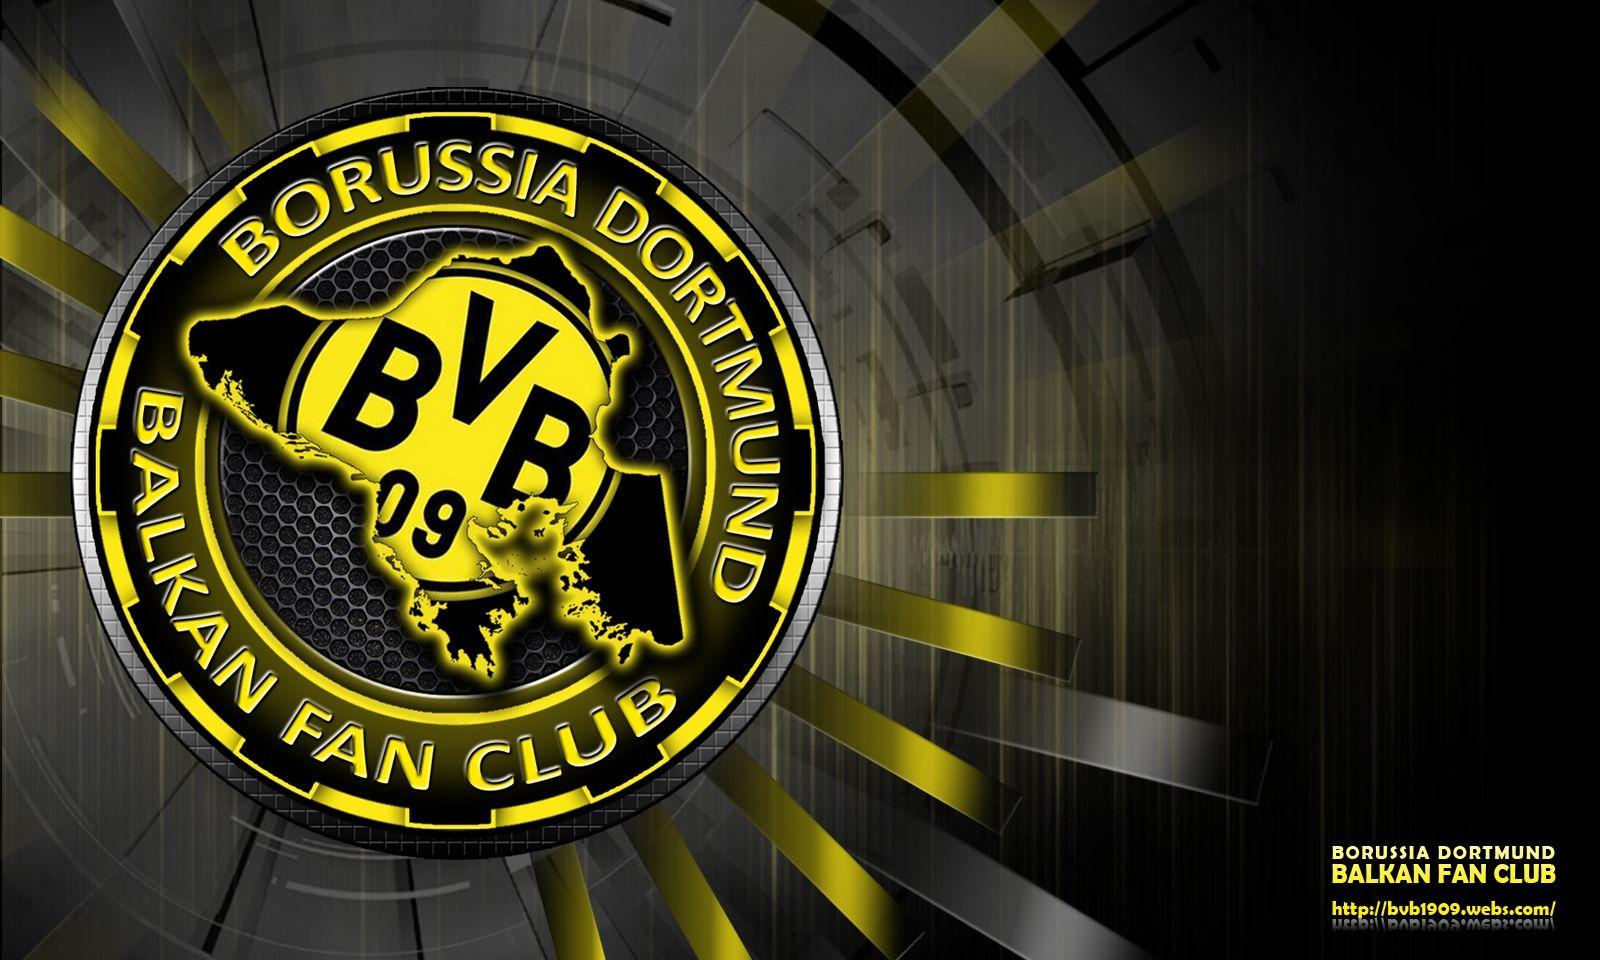 Bvb Wallpaper Handy Logos De Bvb Bvb Borussia Und Bvb